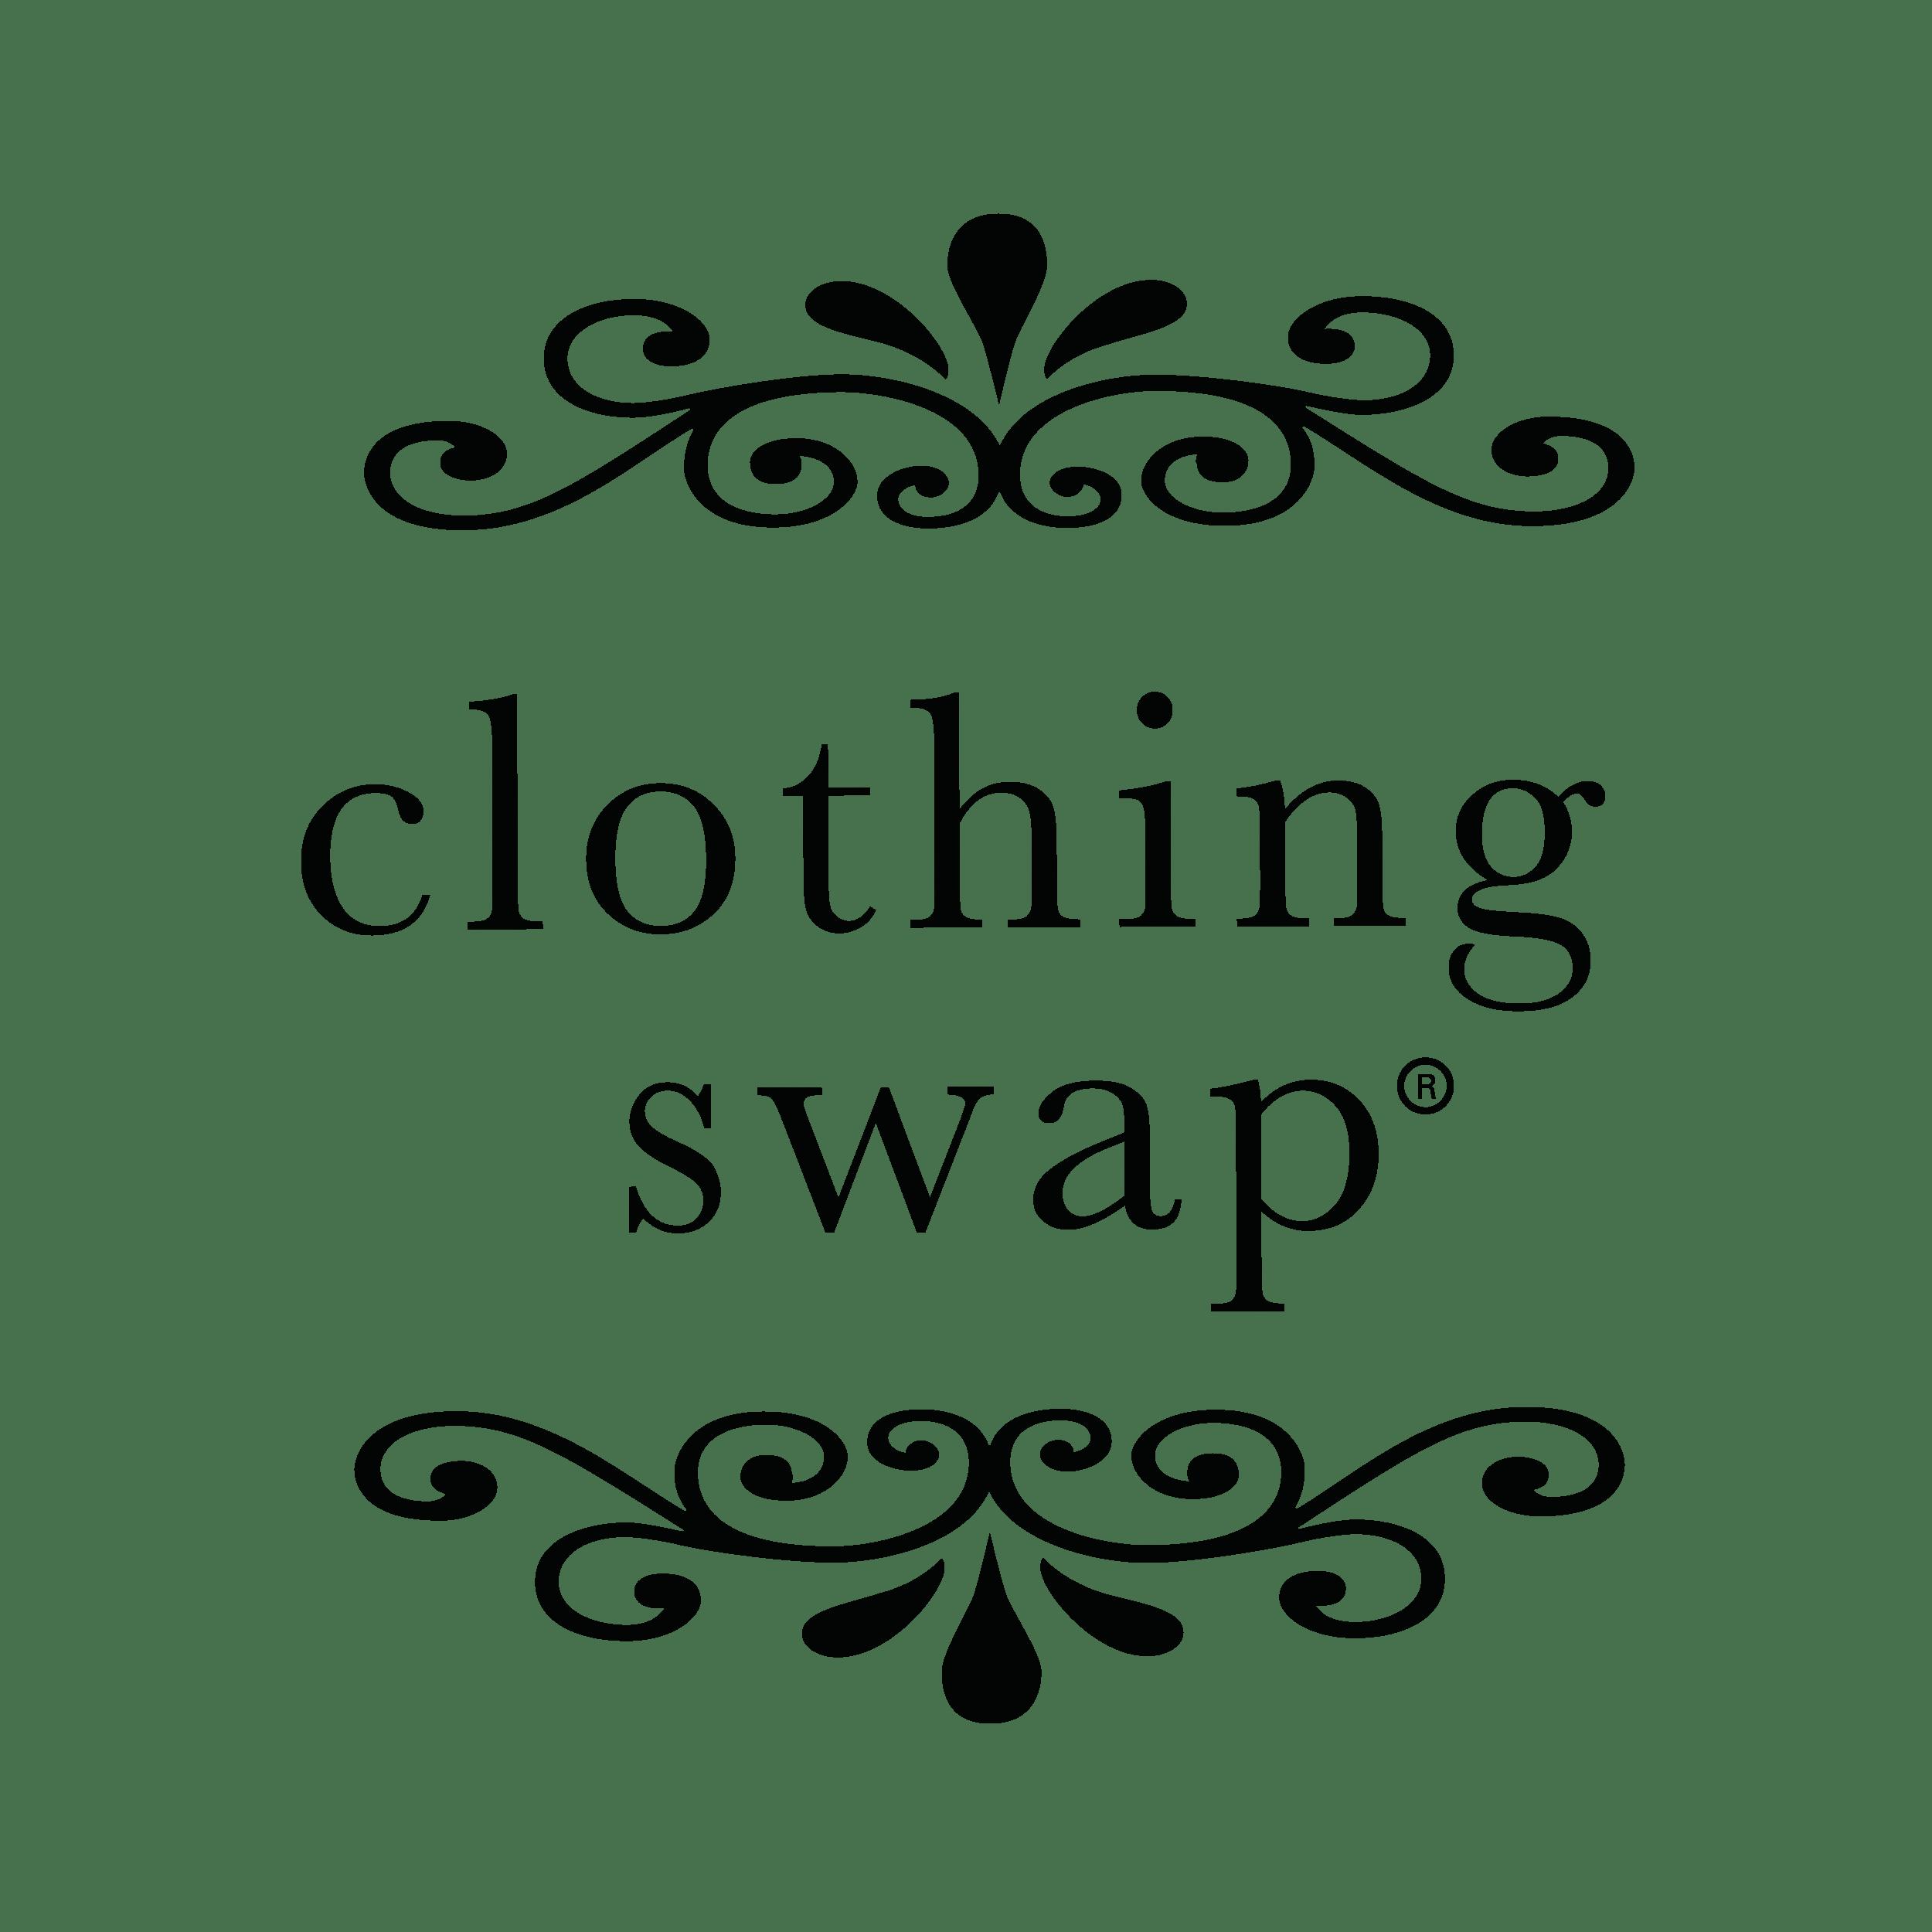 Clothing Swap company logo